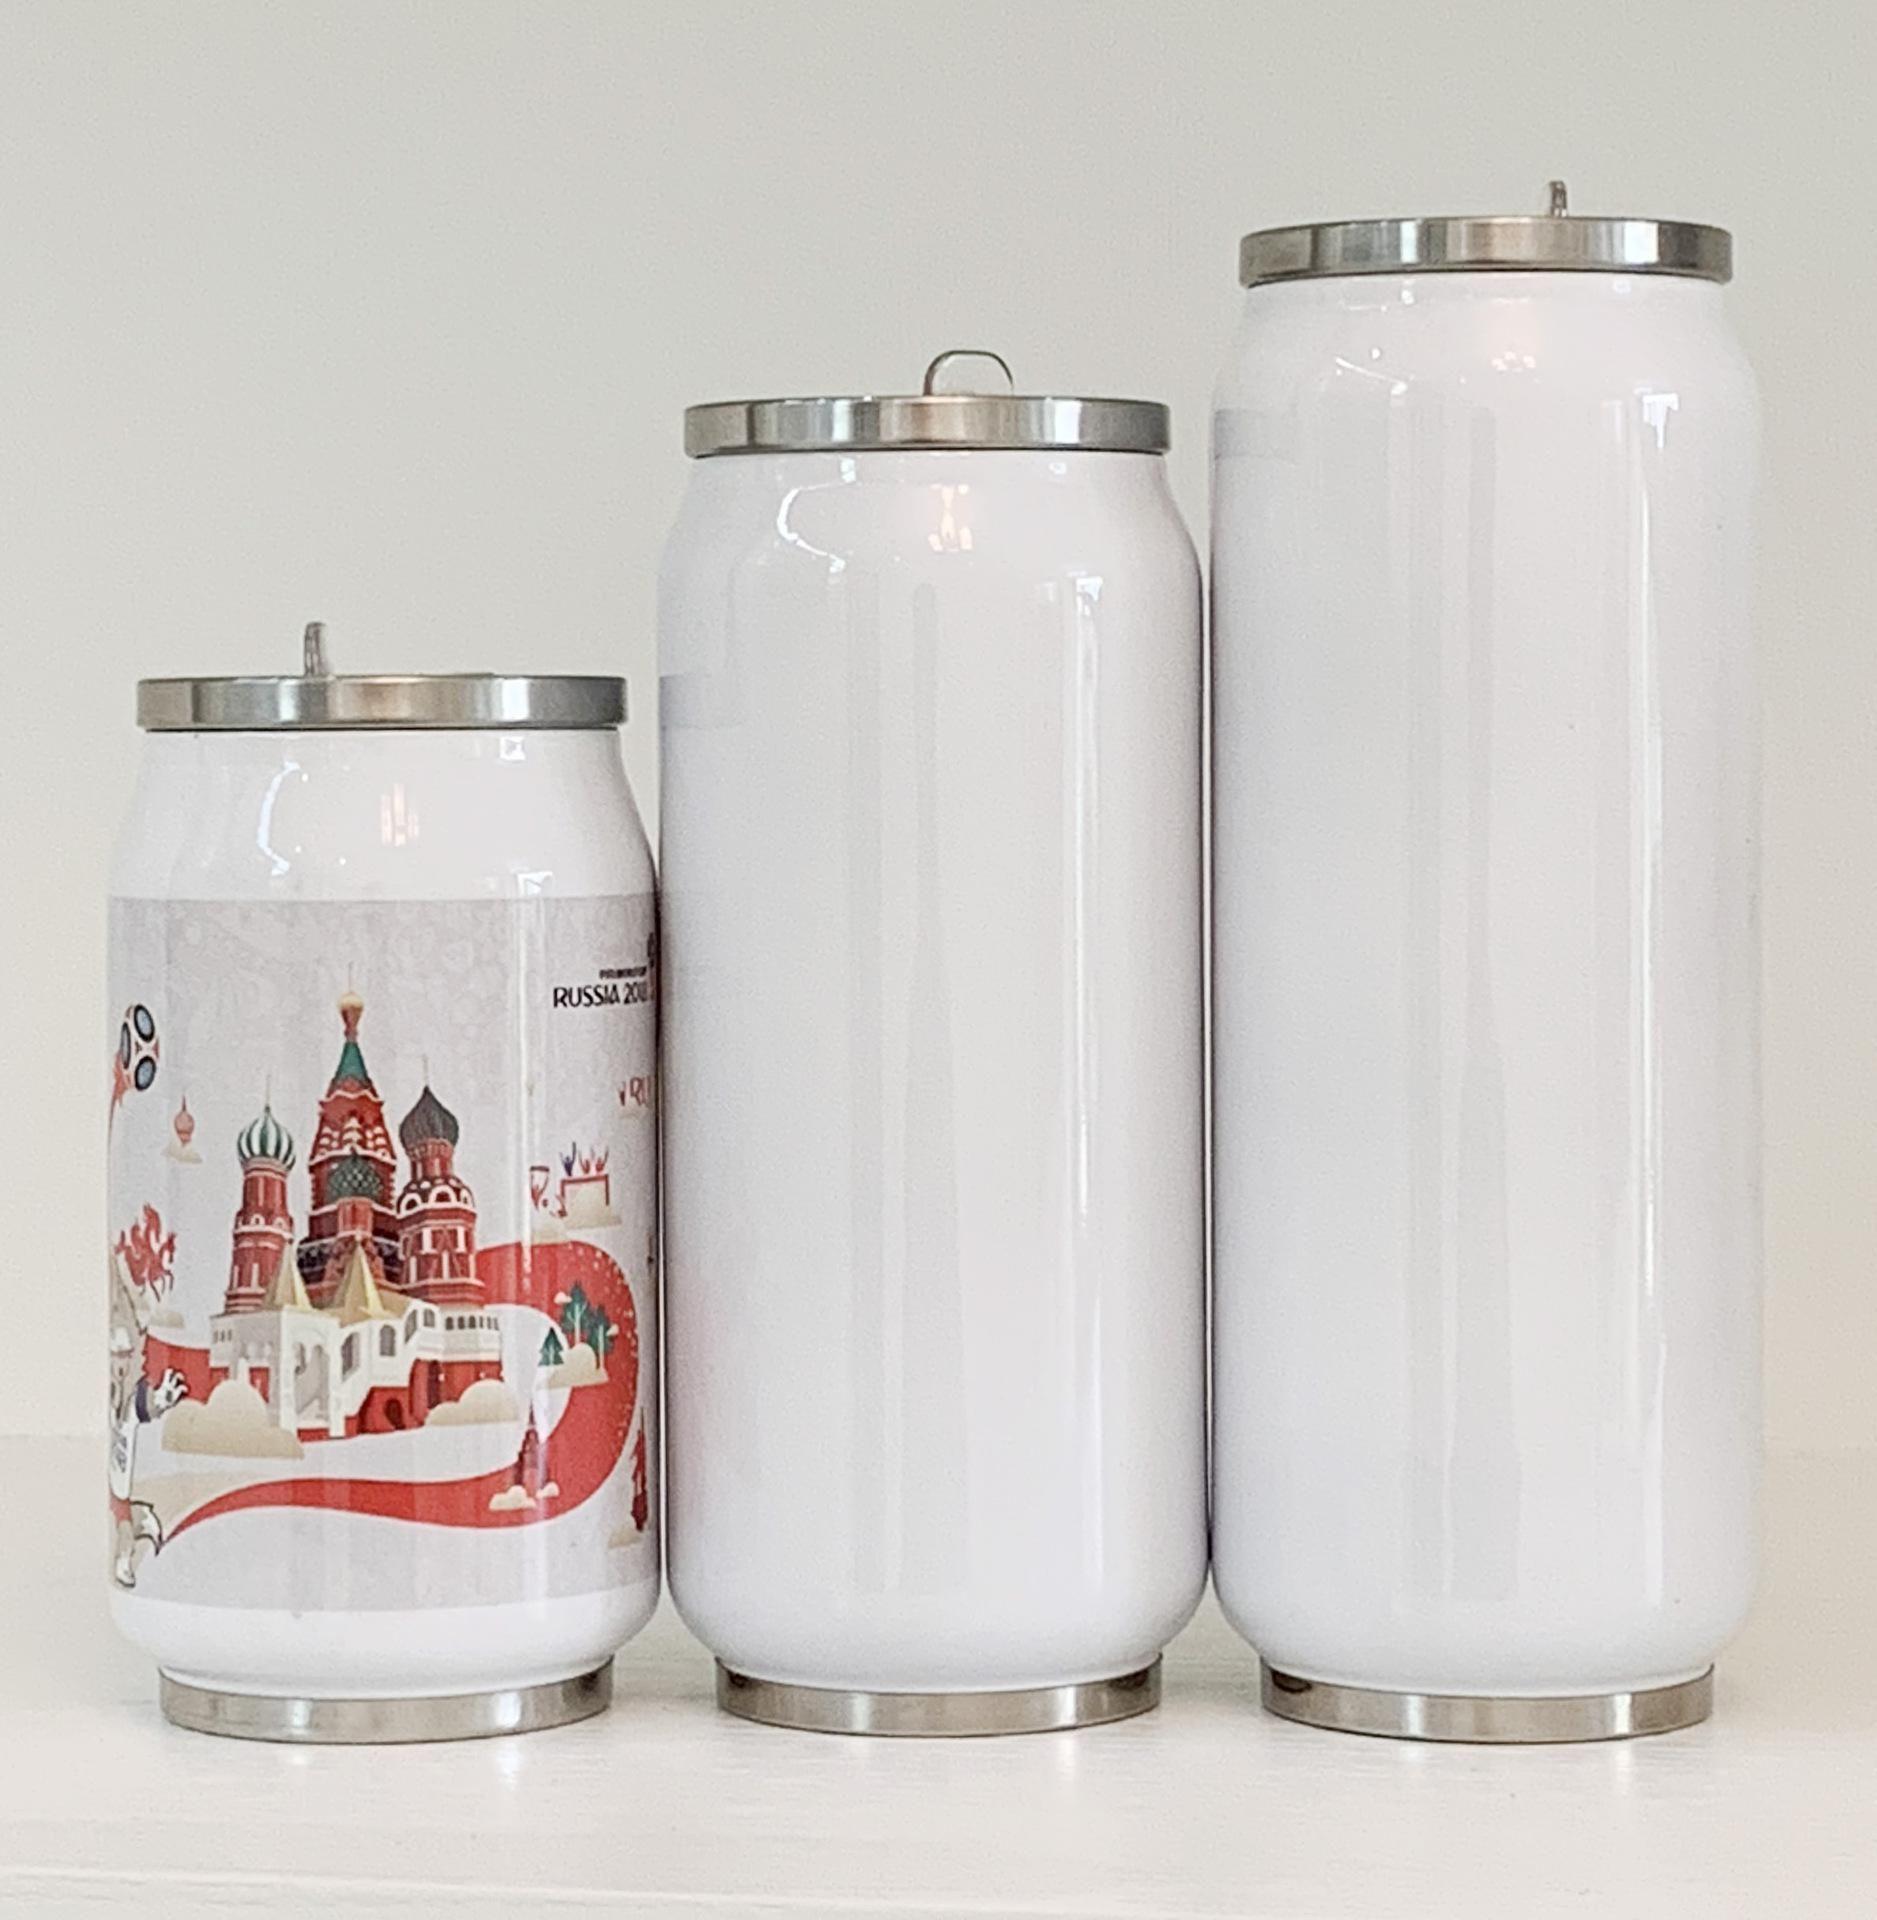 DIY 승화 콜라 캔 물병 보온병 이중 뚜껑 빈의 DHD2856와 절연 진공 텀블러 스테인리스 스틸을 벽으로 둘러싸인